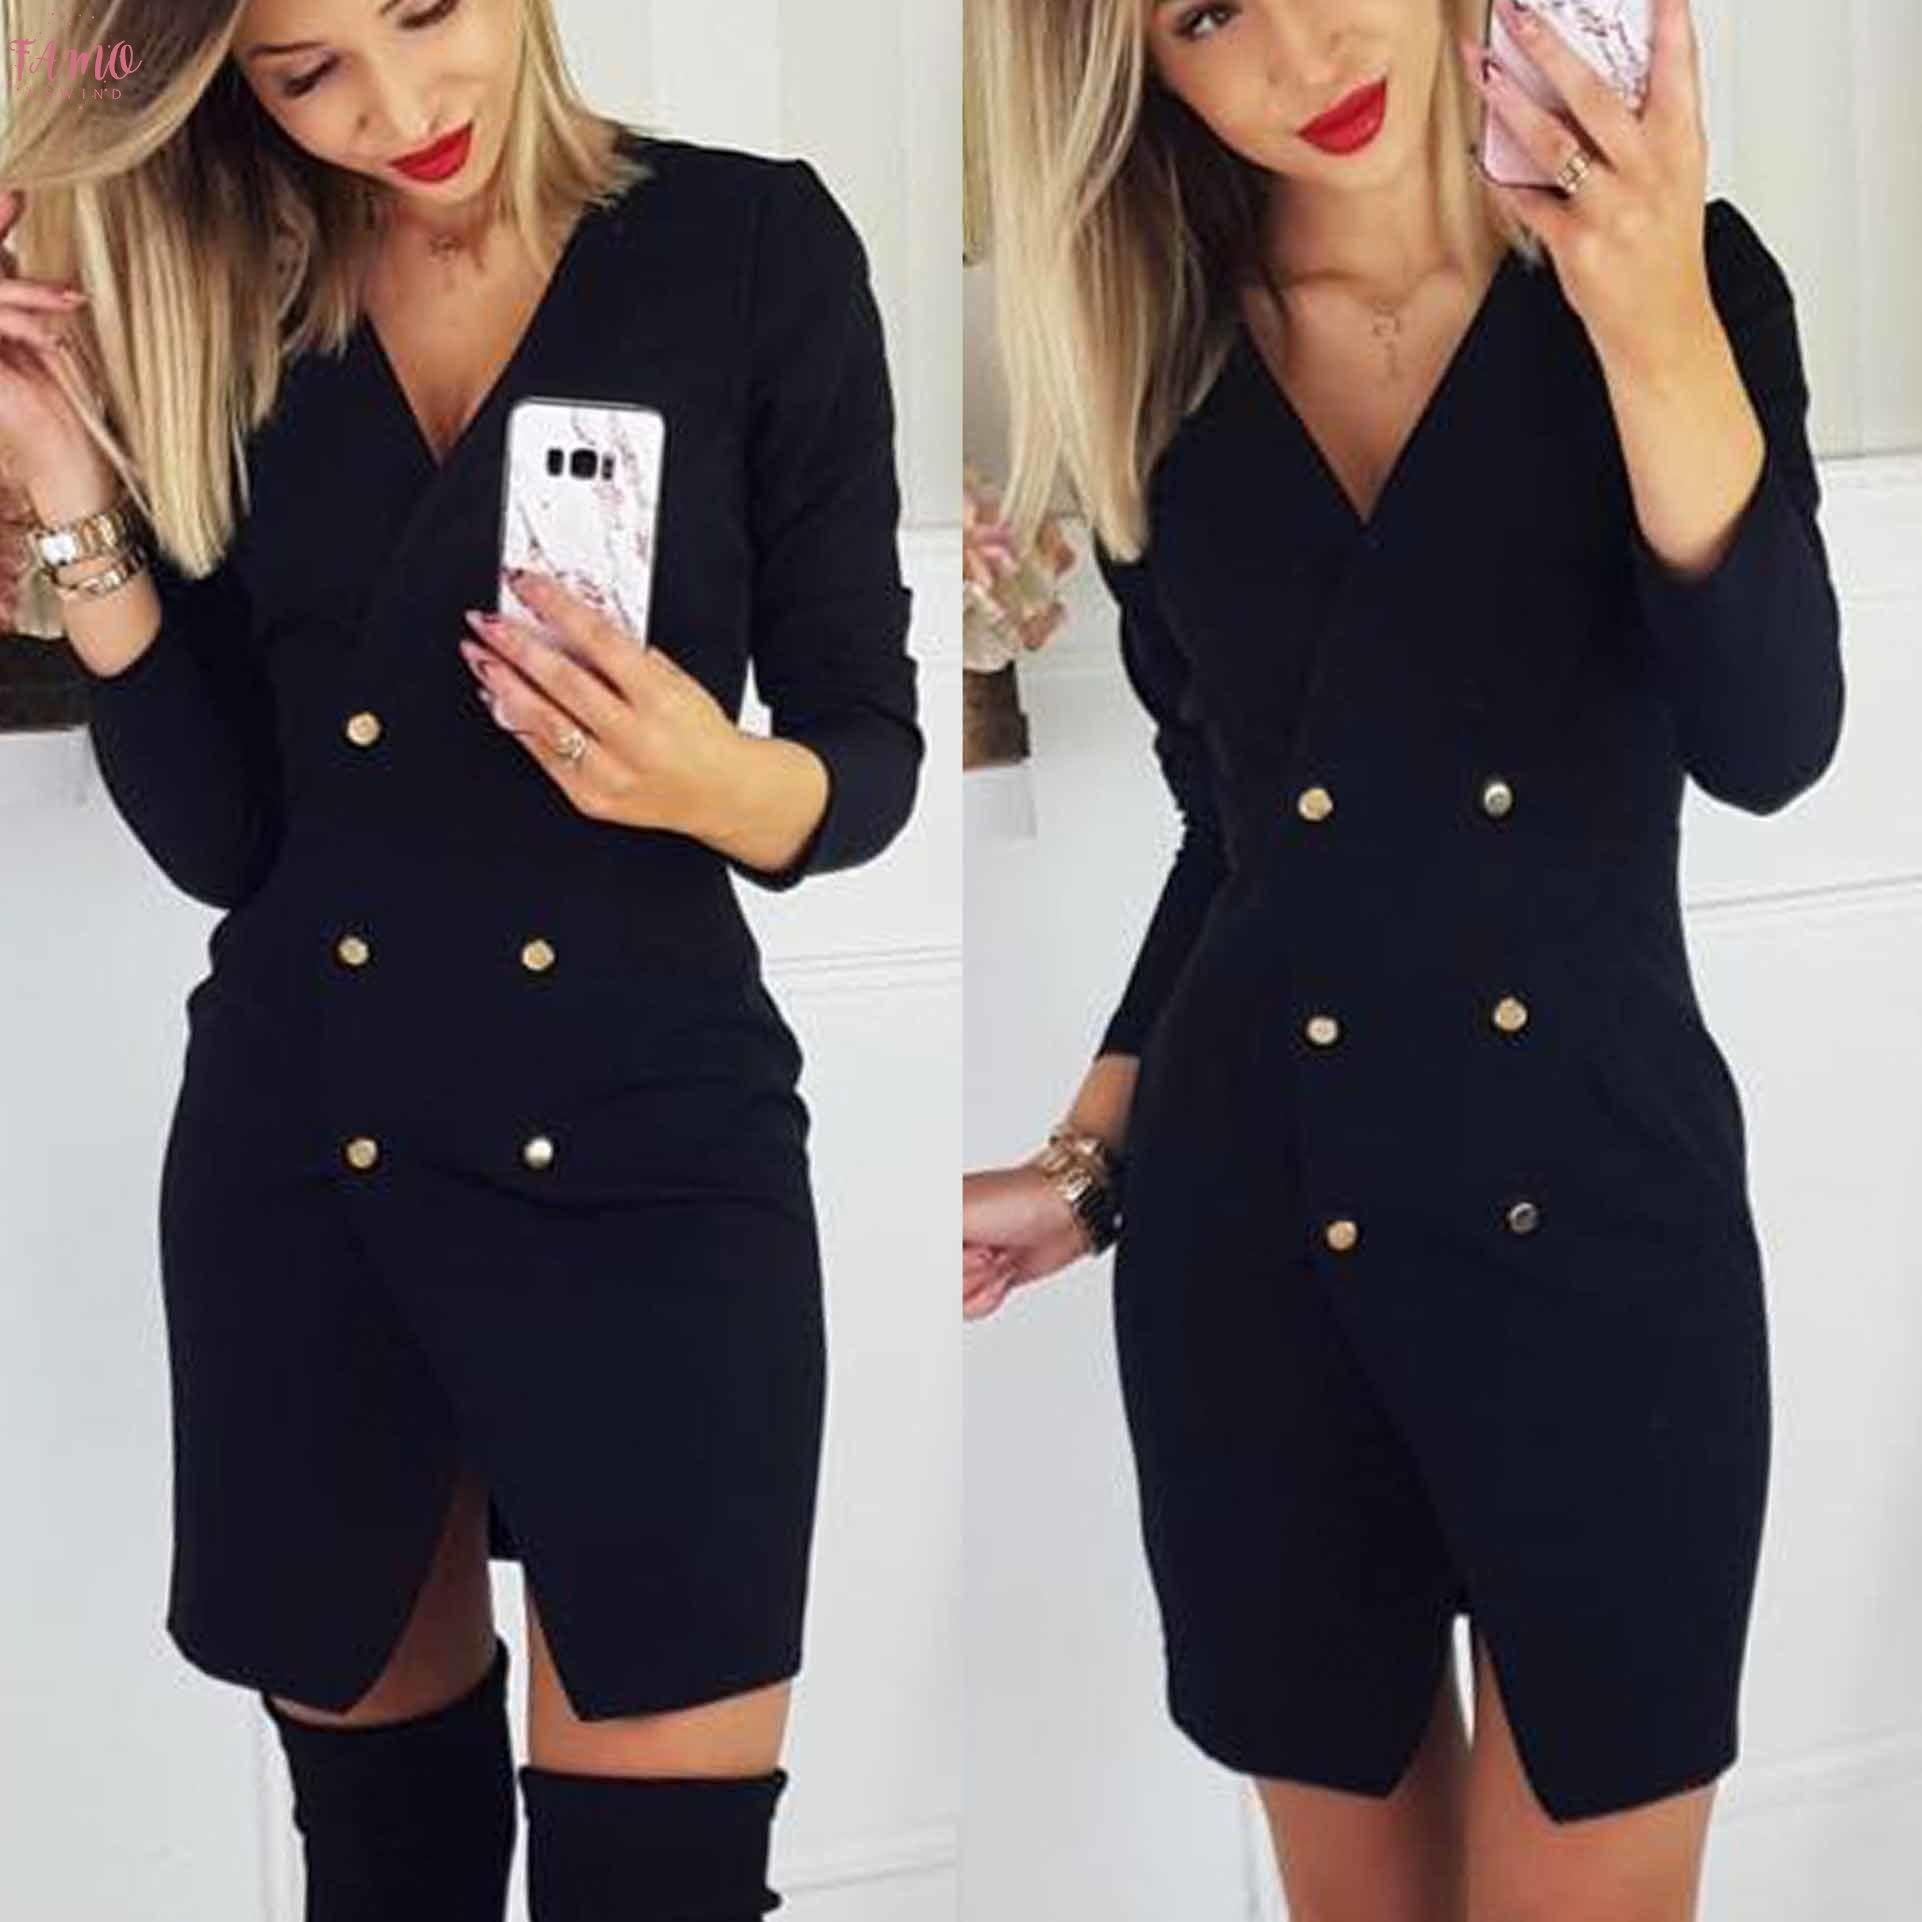 2020 Güz Giyim Rahat Düşük Kesim Düz Renk Kadın Mini Elbise Ofis Bayanlar Mini Elbise Bodycon Elbise Ofis Giyim